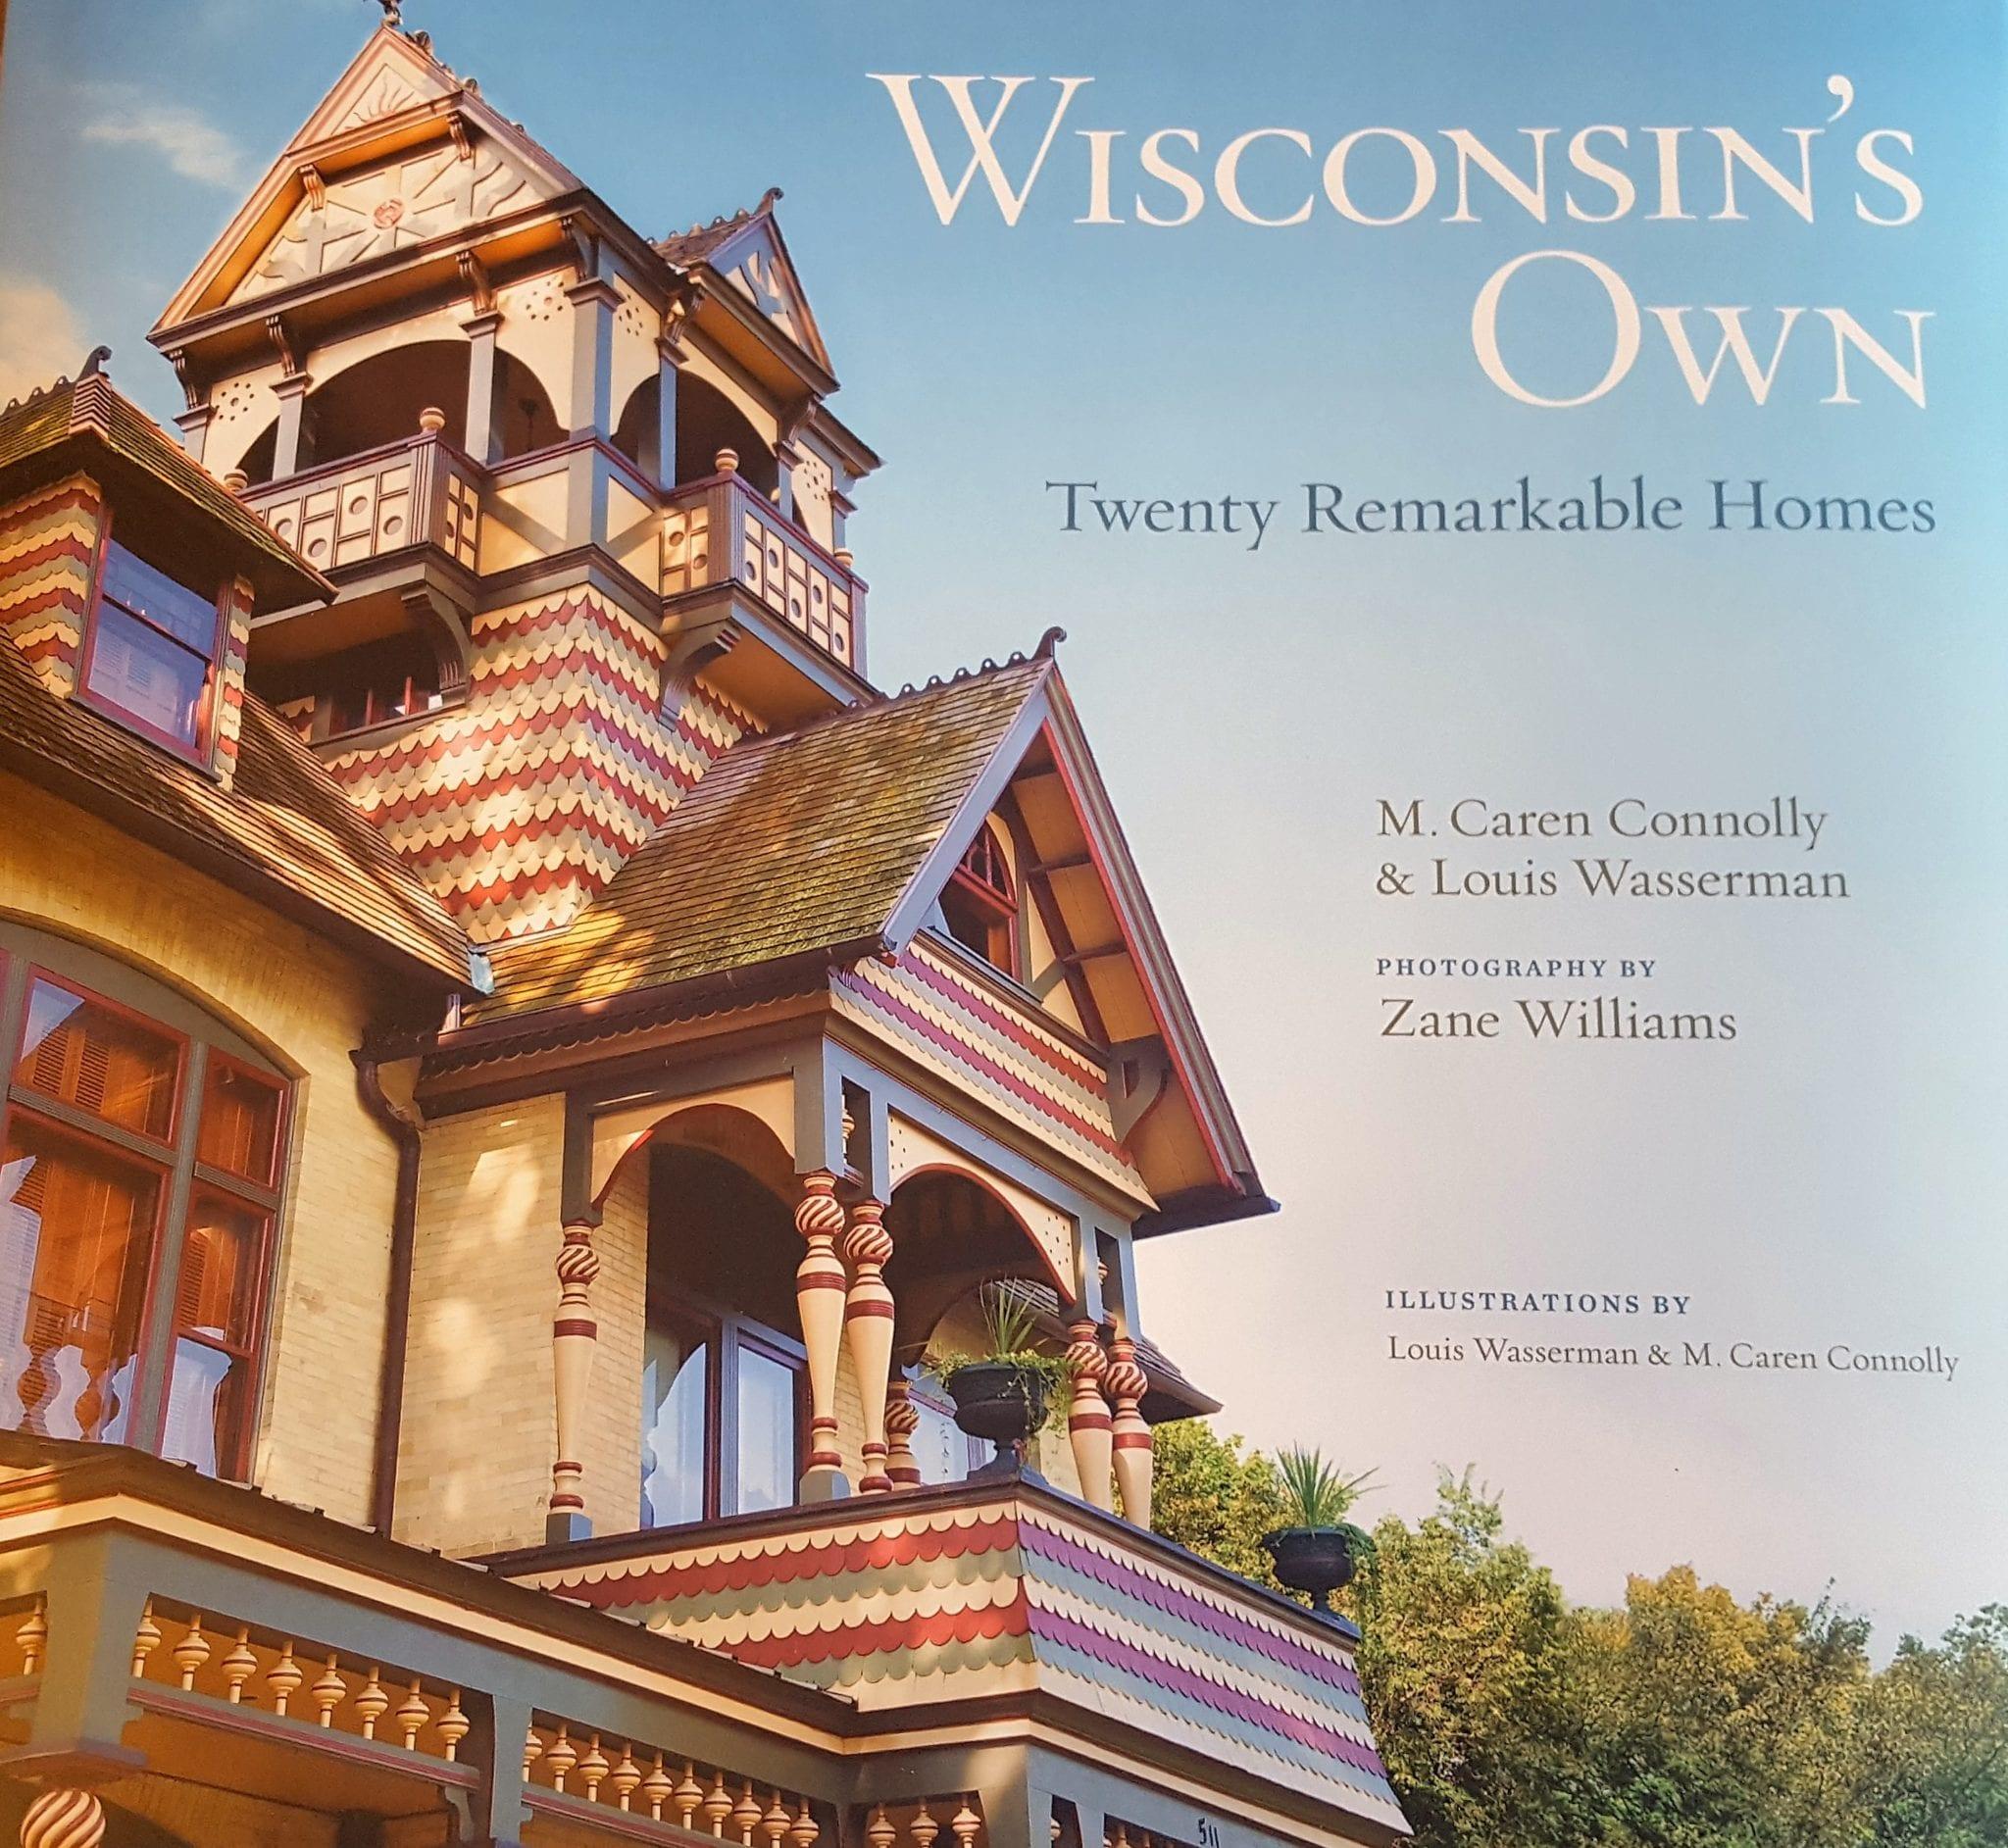 Wisconsins own